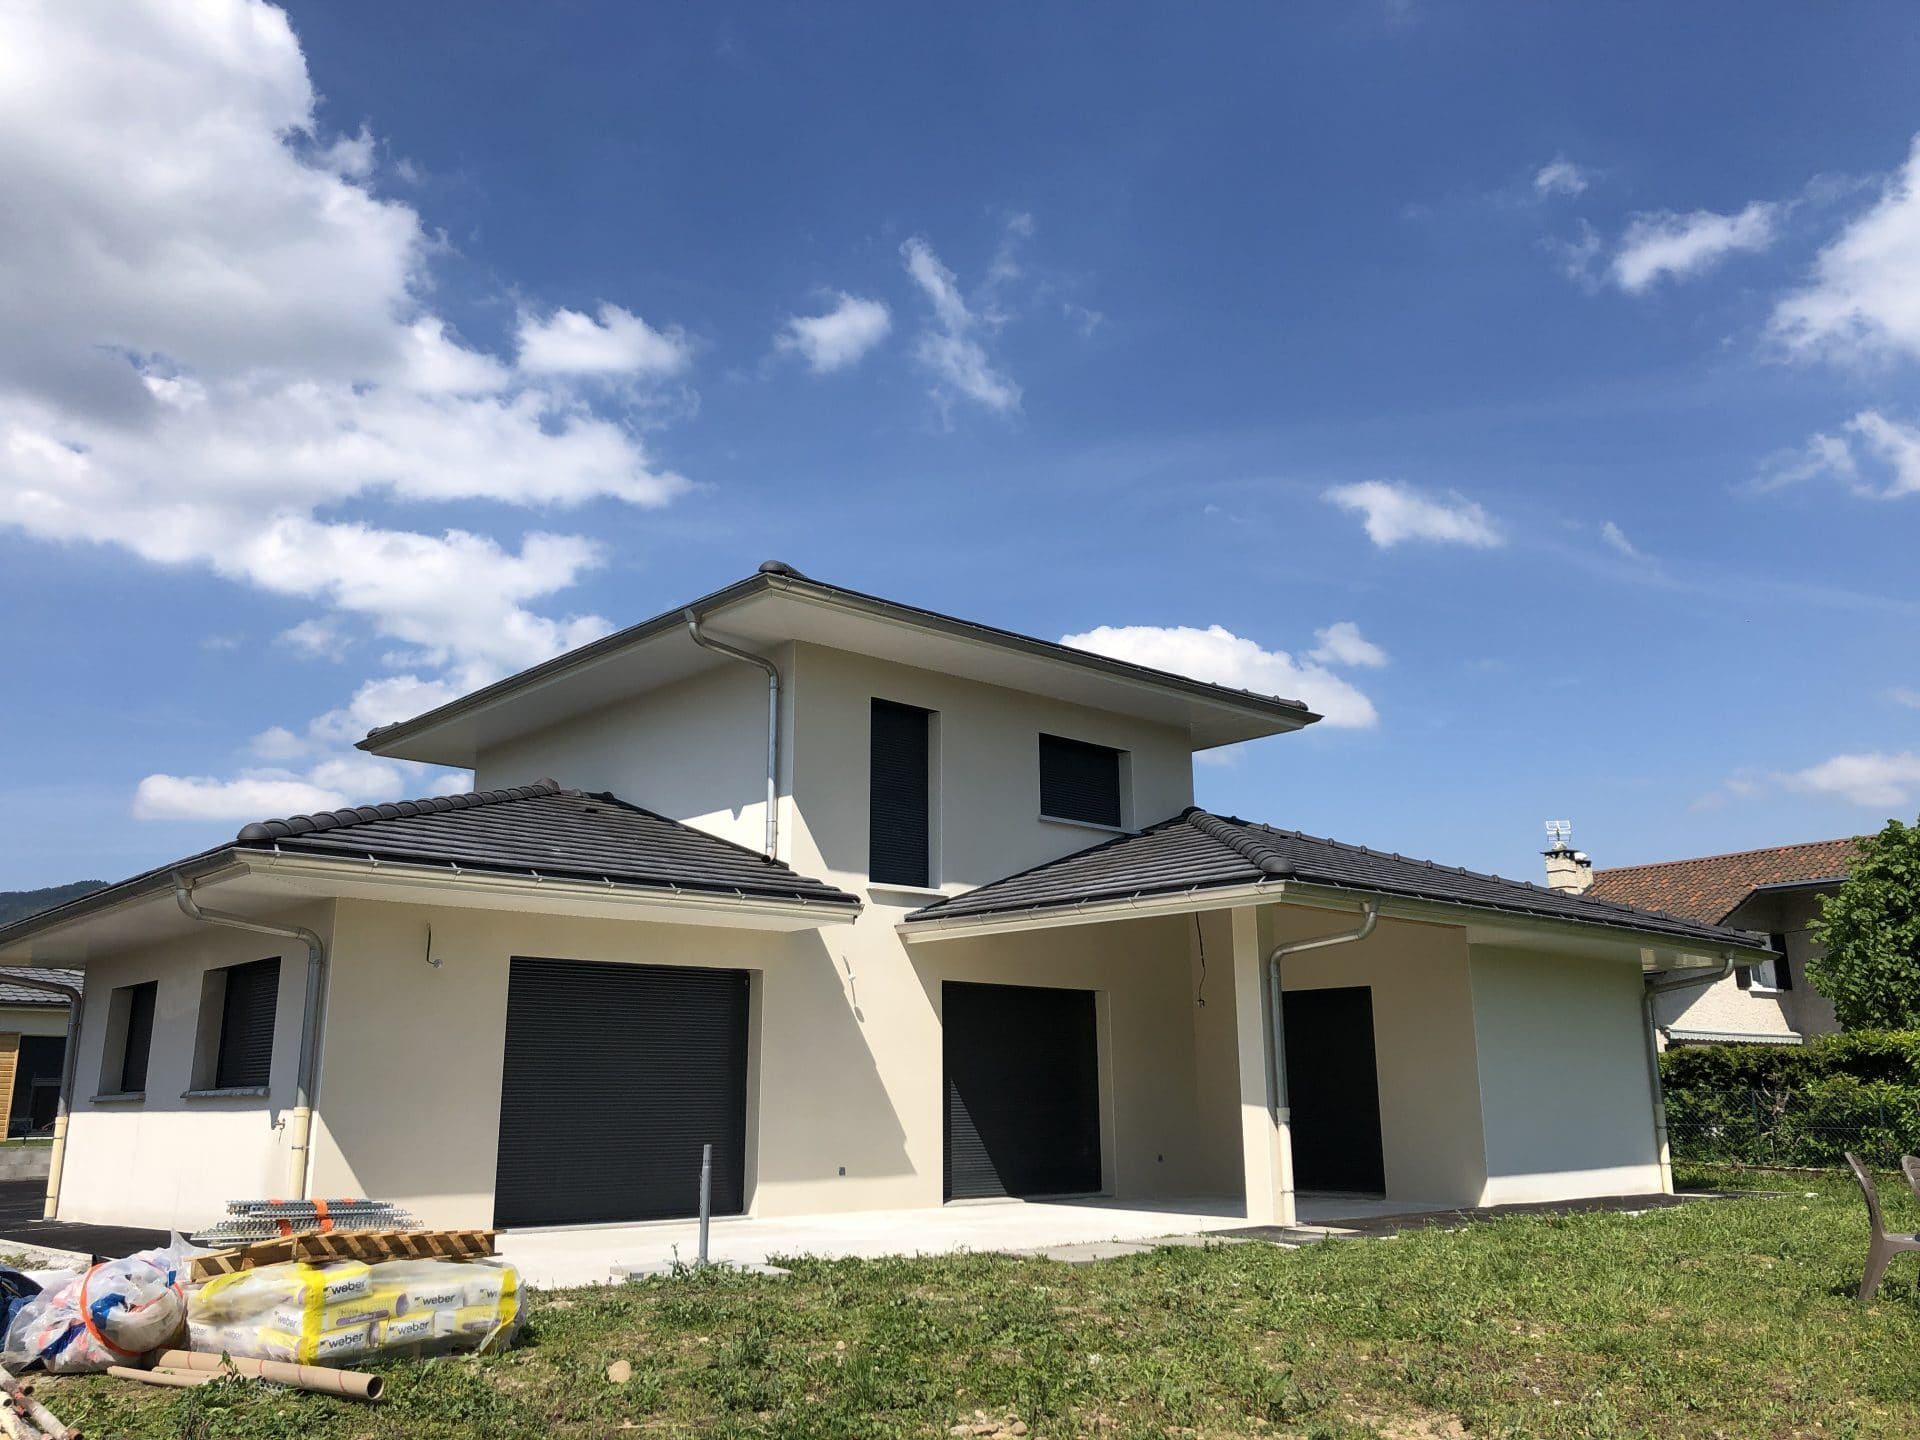 Réalisation d'une façade de maison neuve à Grenoble (38)